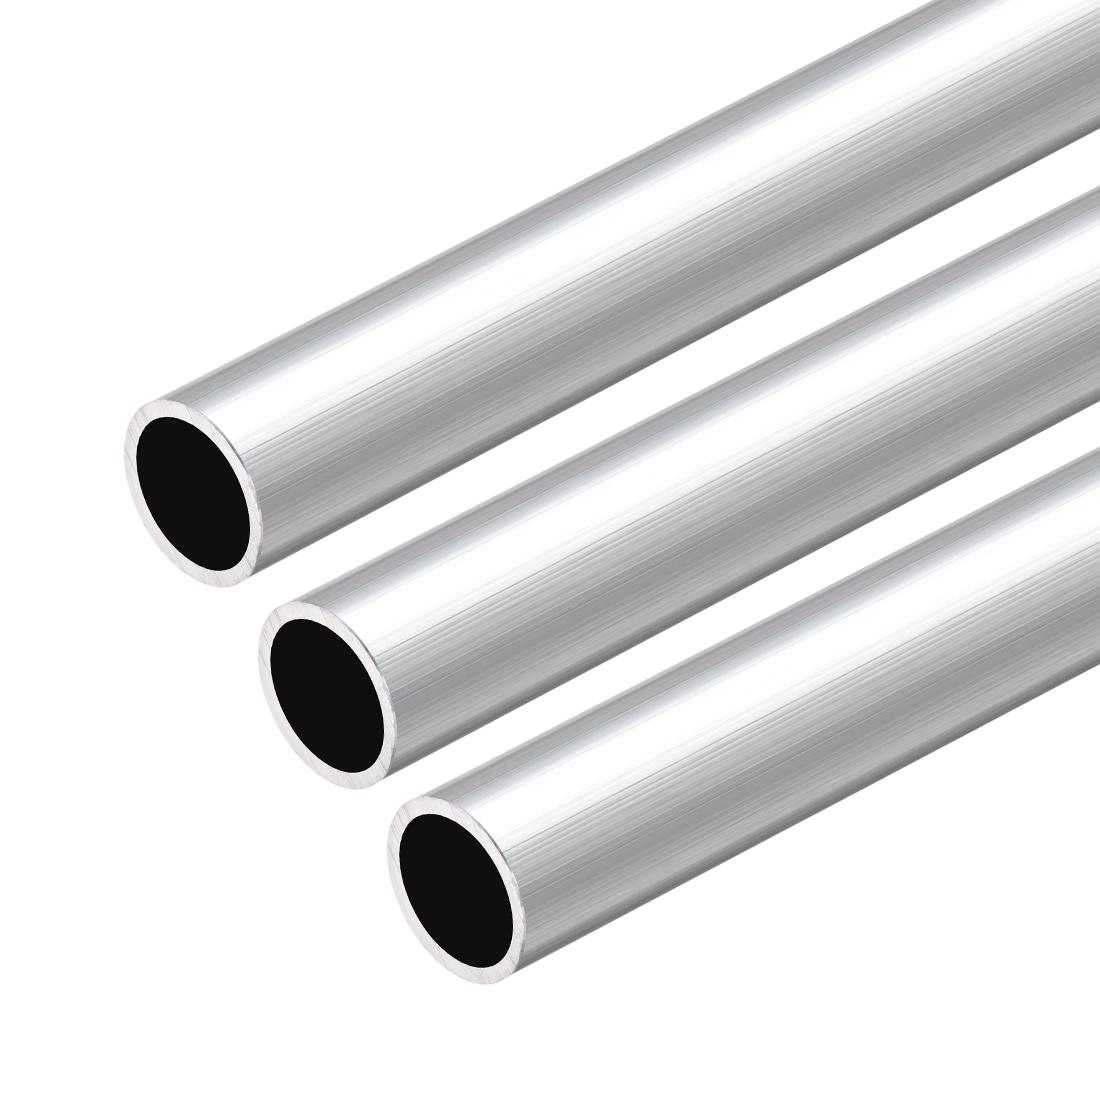 6063 Aluminum Round Tube 300mm Length 15mm OD 13mm Inner Dia Seamless Tube 3 Pcs